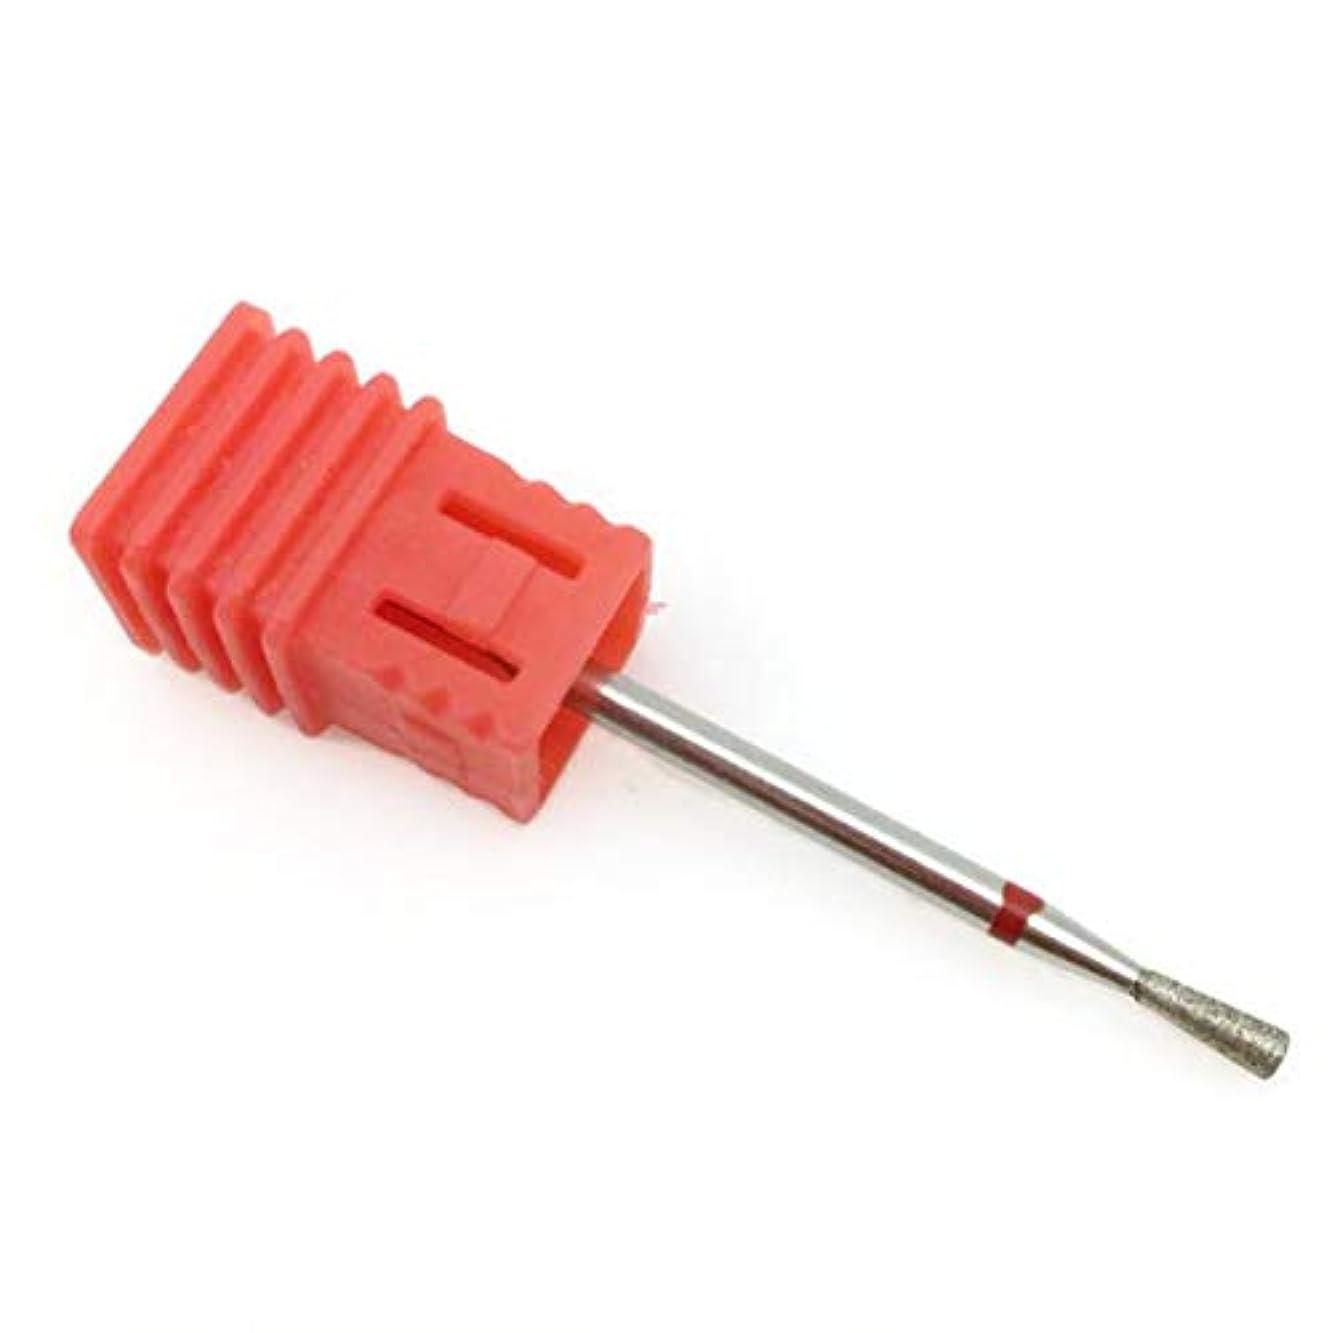 衝動集団カッターYoshilimen 十分な5種類赤ダイヤモンドネイルファイルビットバリミーリングカッターマニキュア電気ネイルドリル爪アクセサリー(None D2)